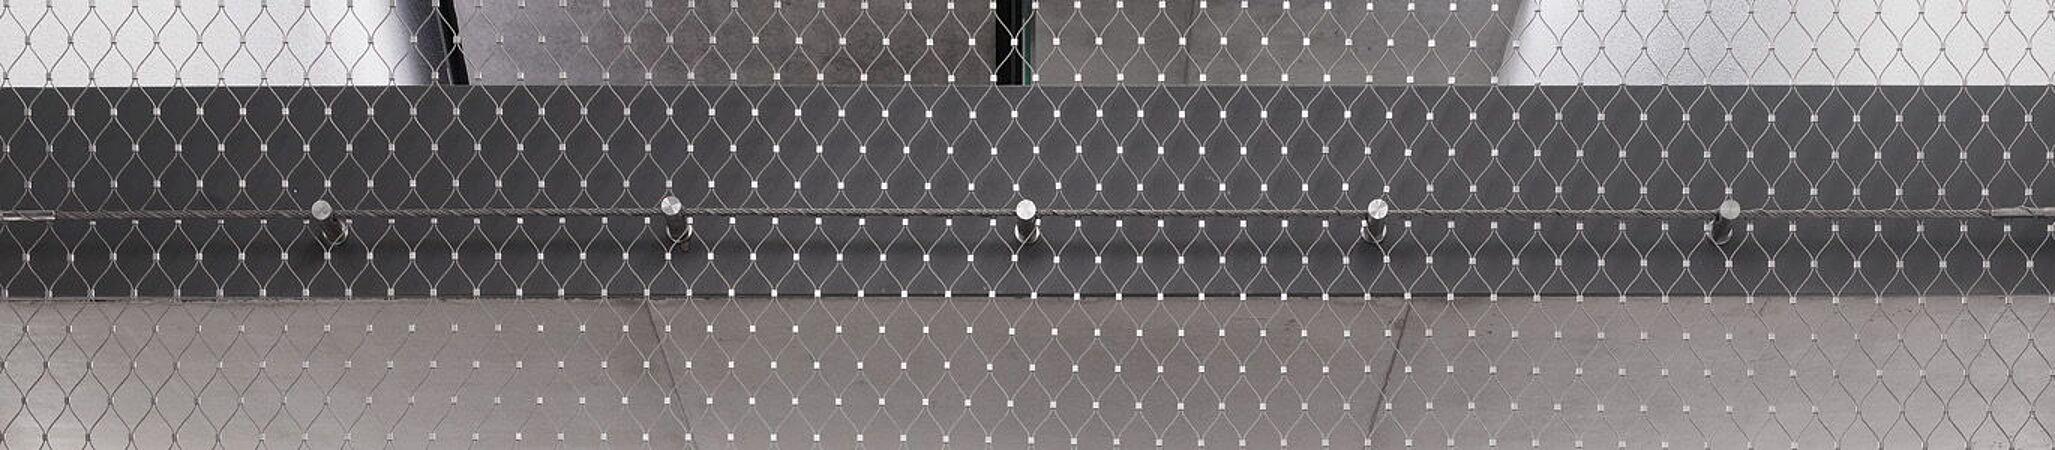 Vertikale Absturzsicherung Netz